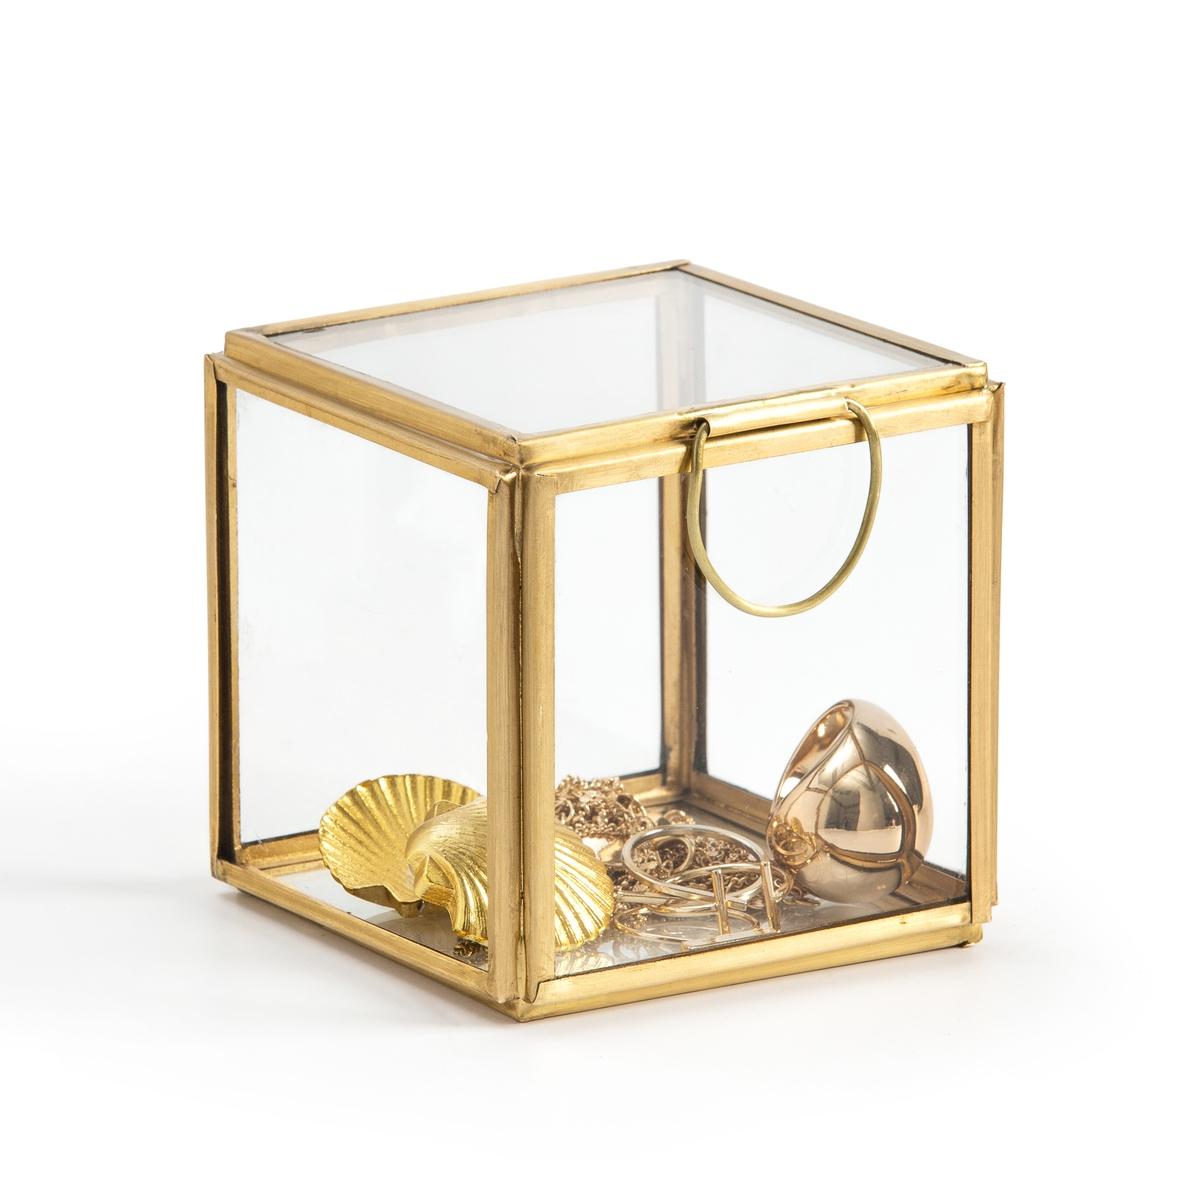 Коробка-витрина La Redoute Из стекла и латуни квадратная Uyova единый размер желтый бра la redoute из латуни и опалового стекла moricio единый размер белый